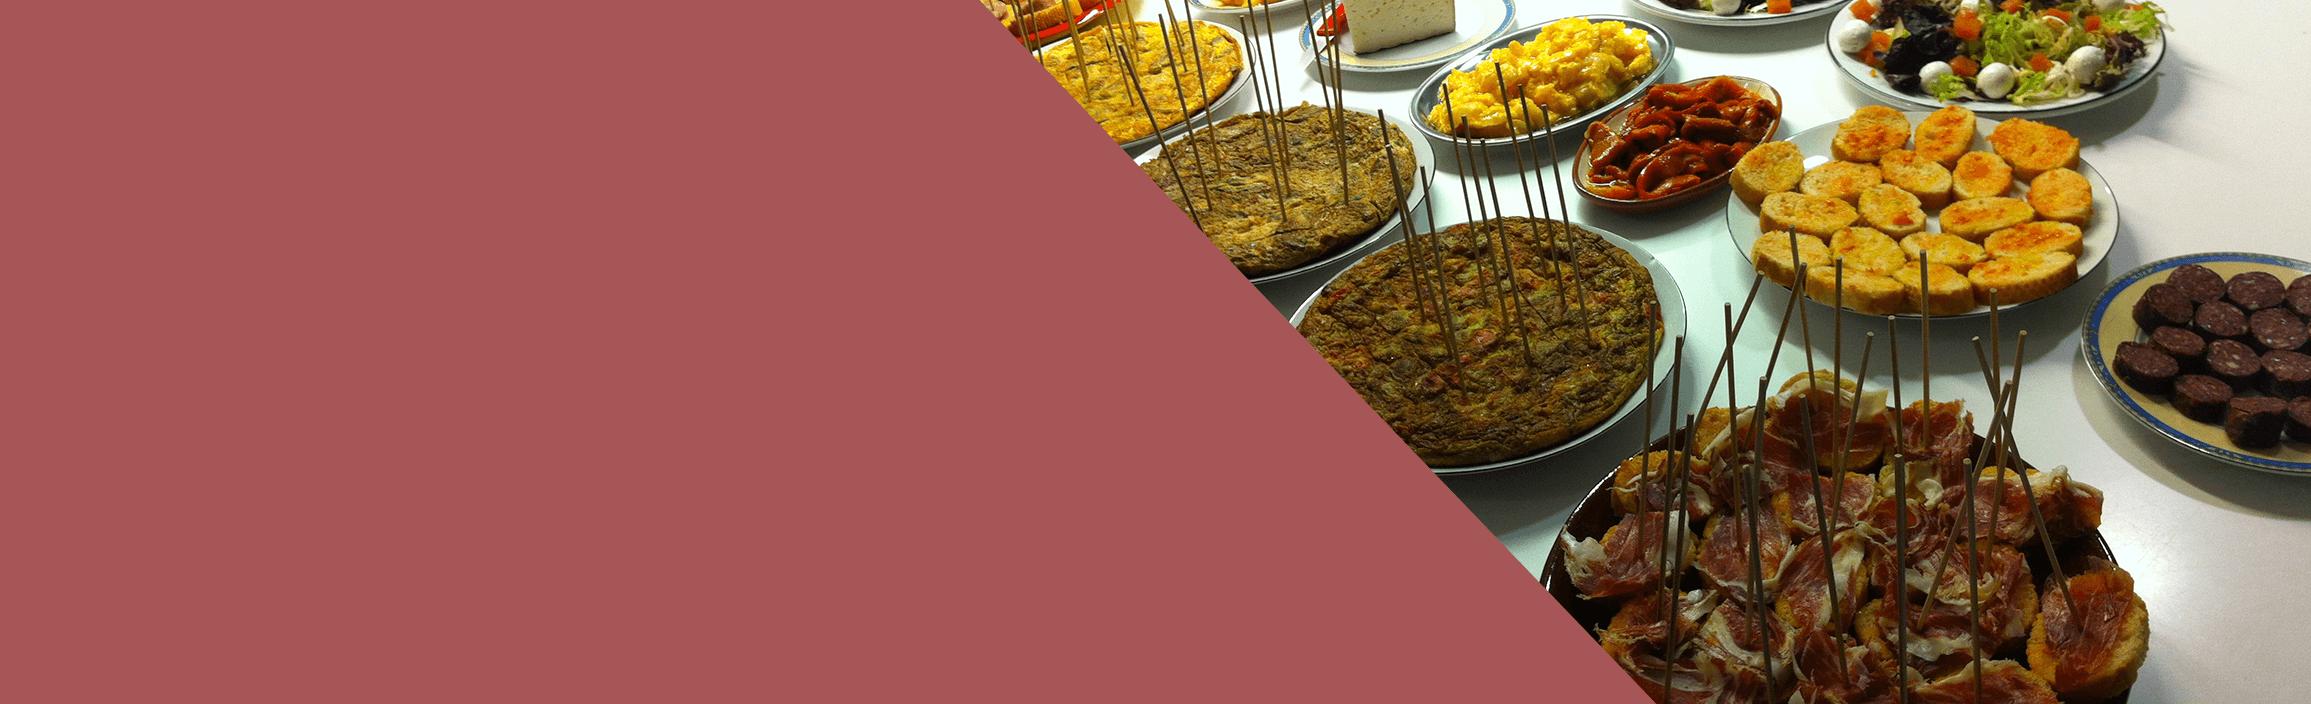 Carta diària de plats cuinats